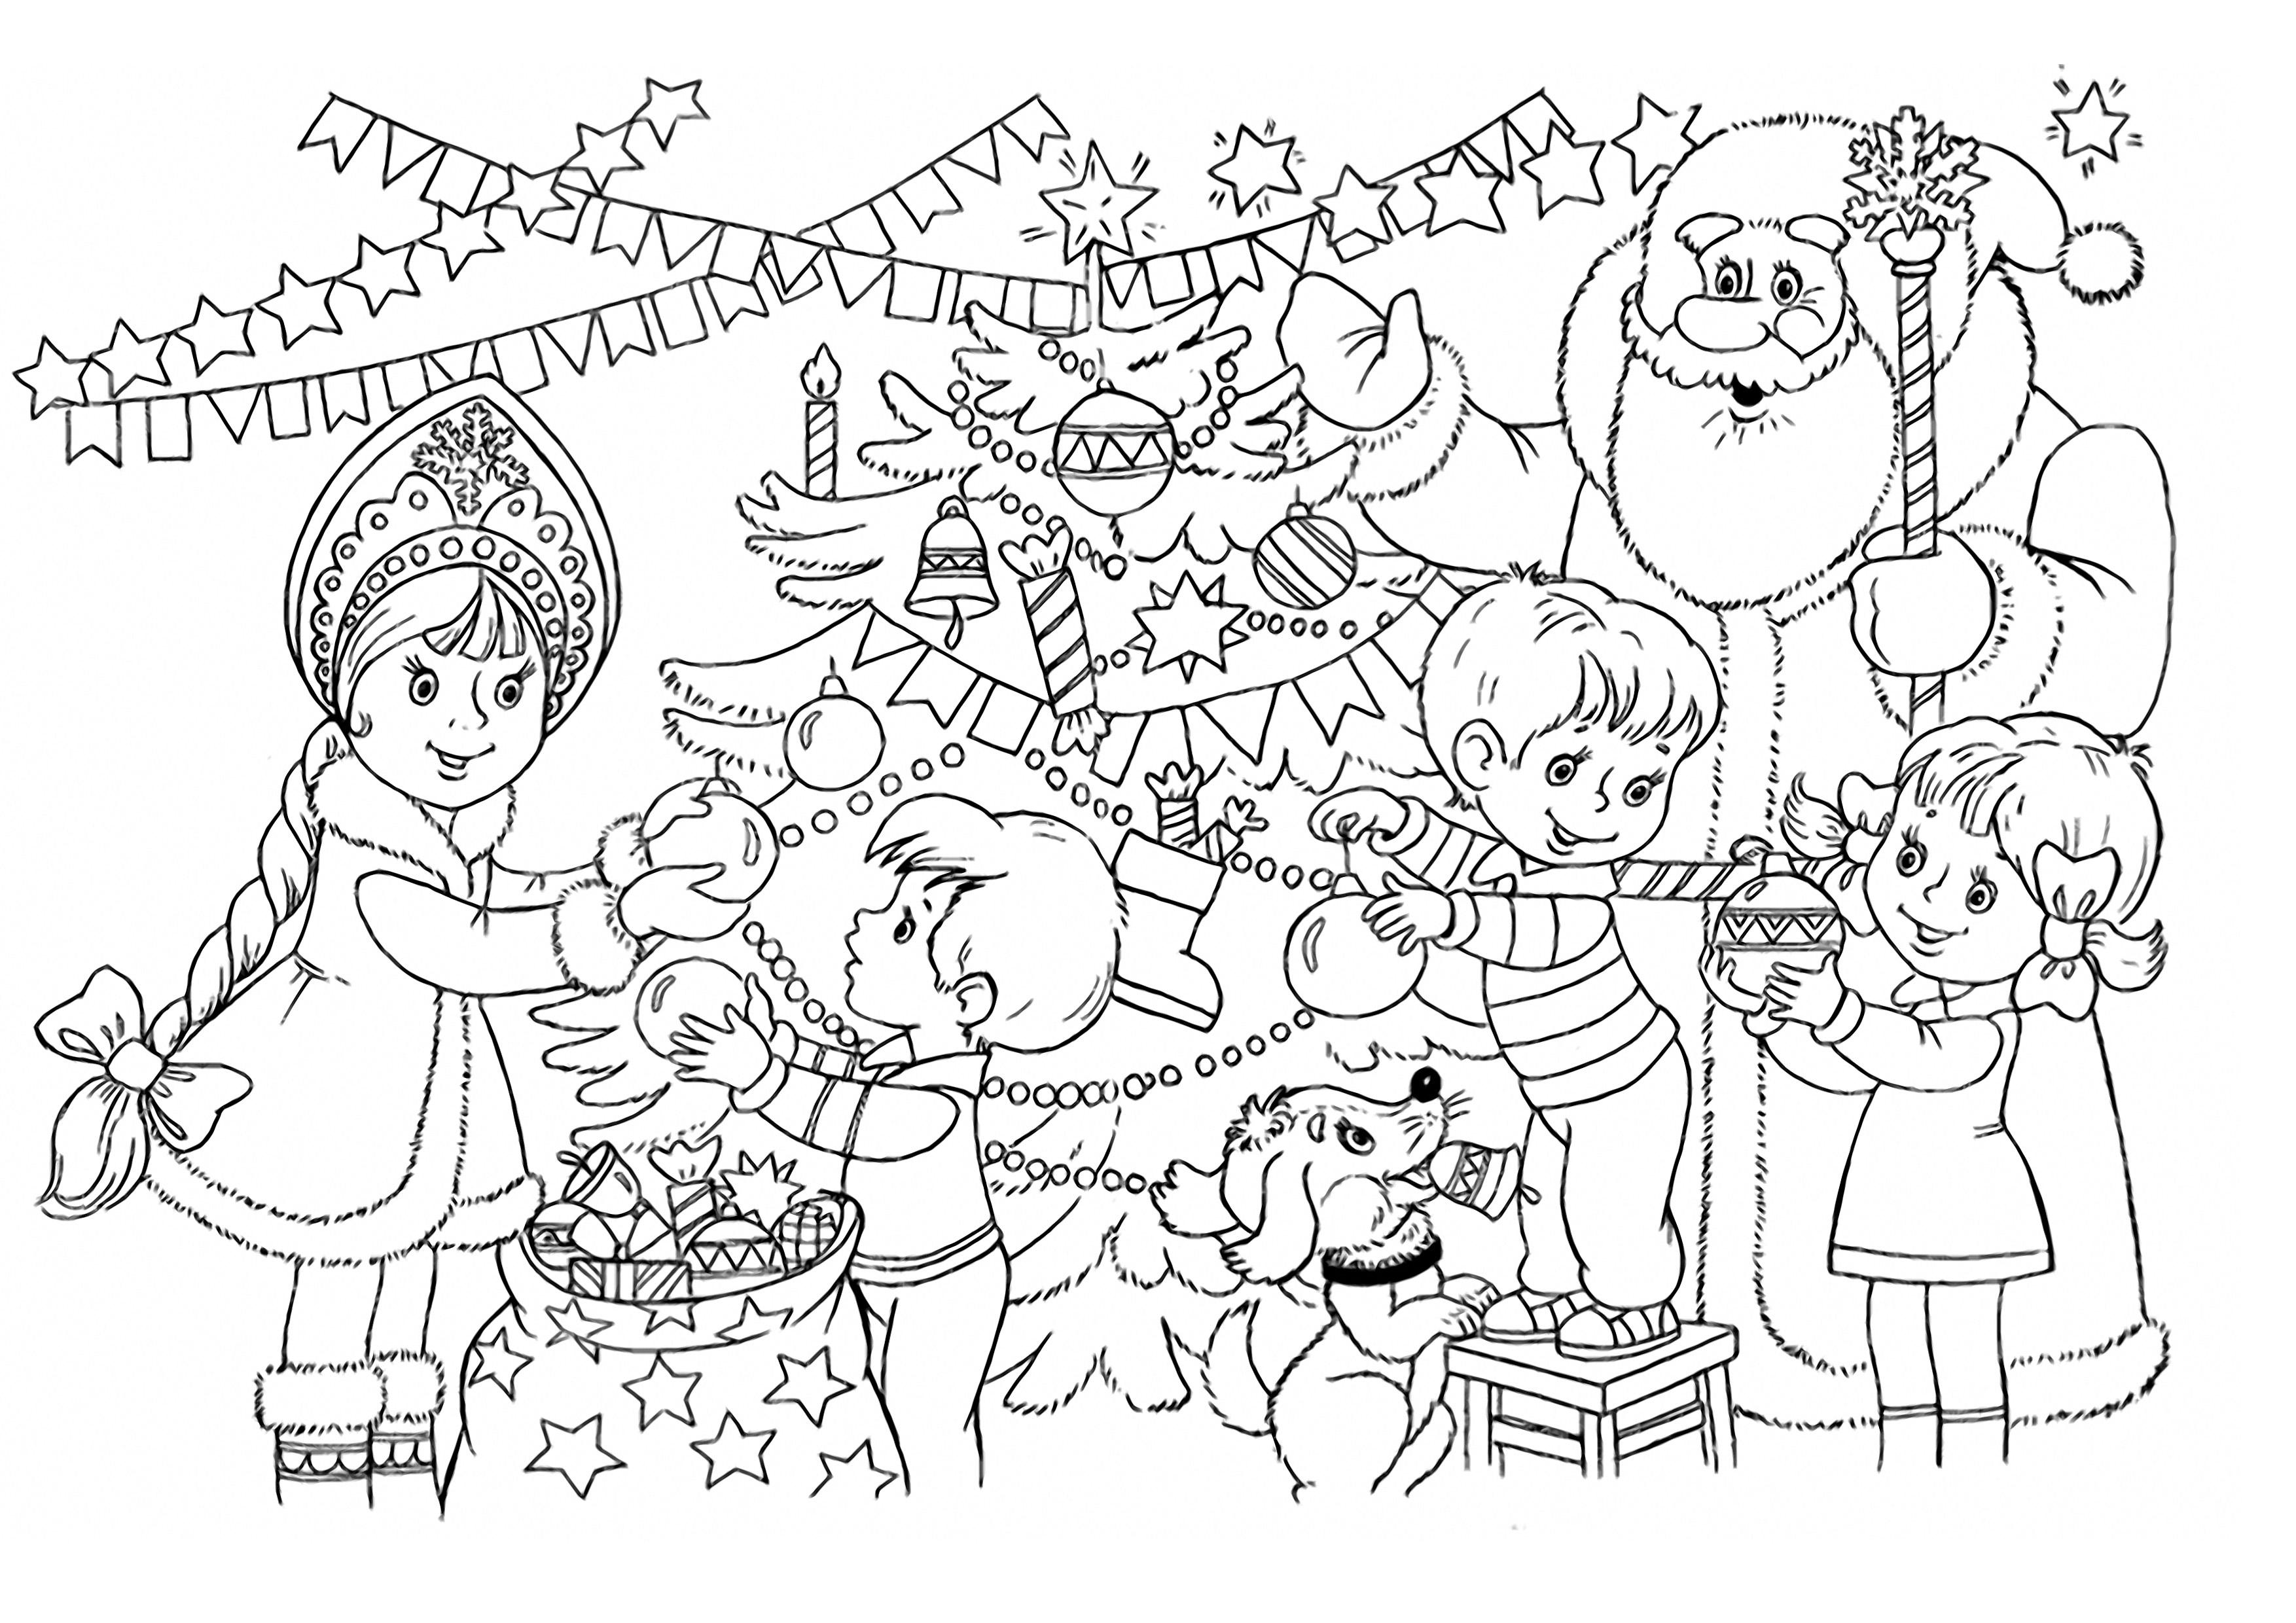 Фотографии Заказать письмо от Деда Мороза. .  Новый Год 2015 3 альбома ВКонтакте.